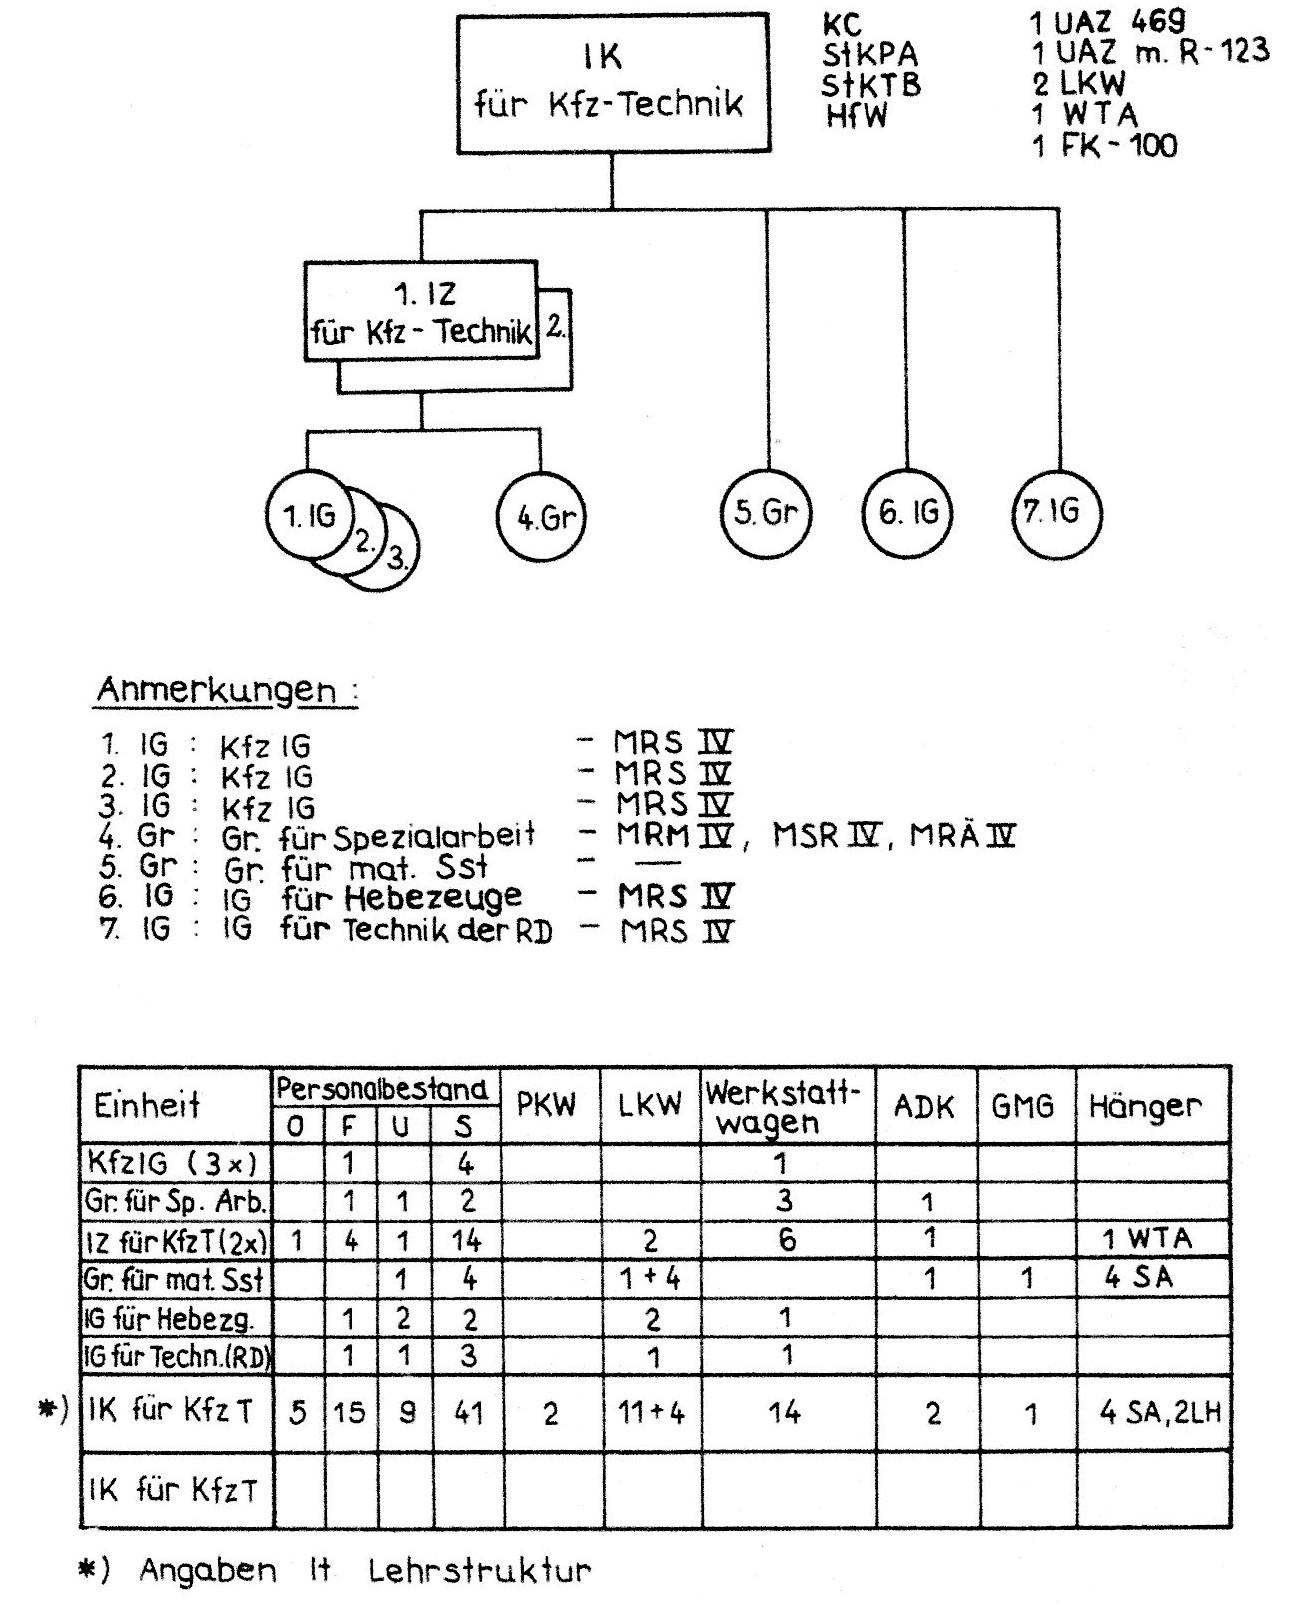 1.b Inst.Kompanie für Kfz.-Technik